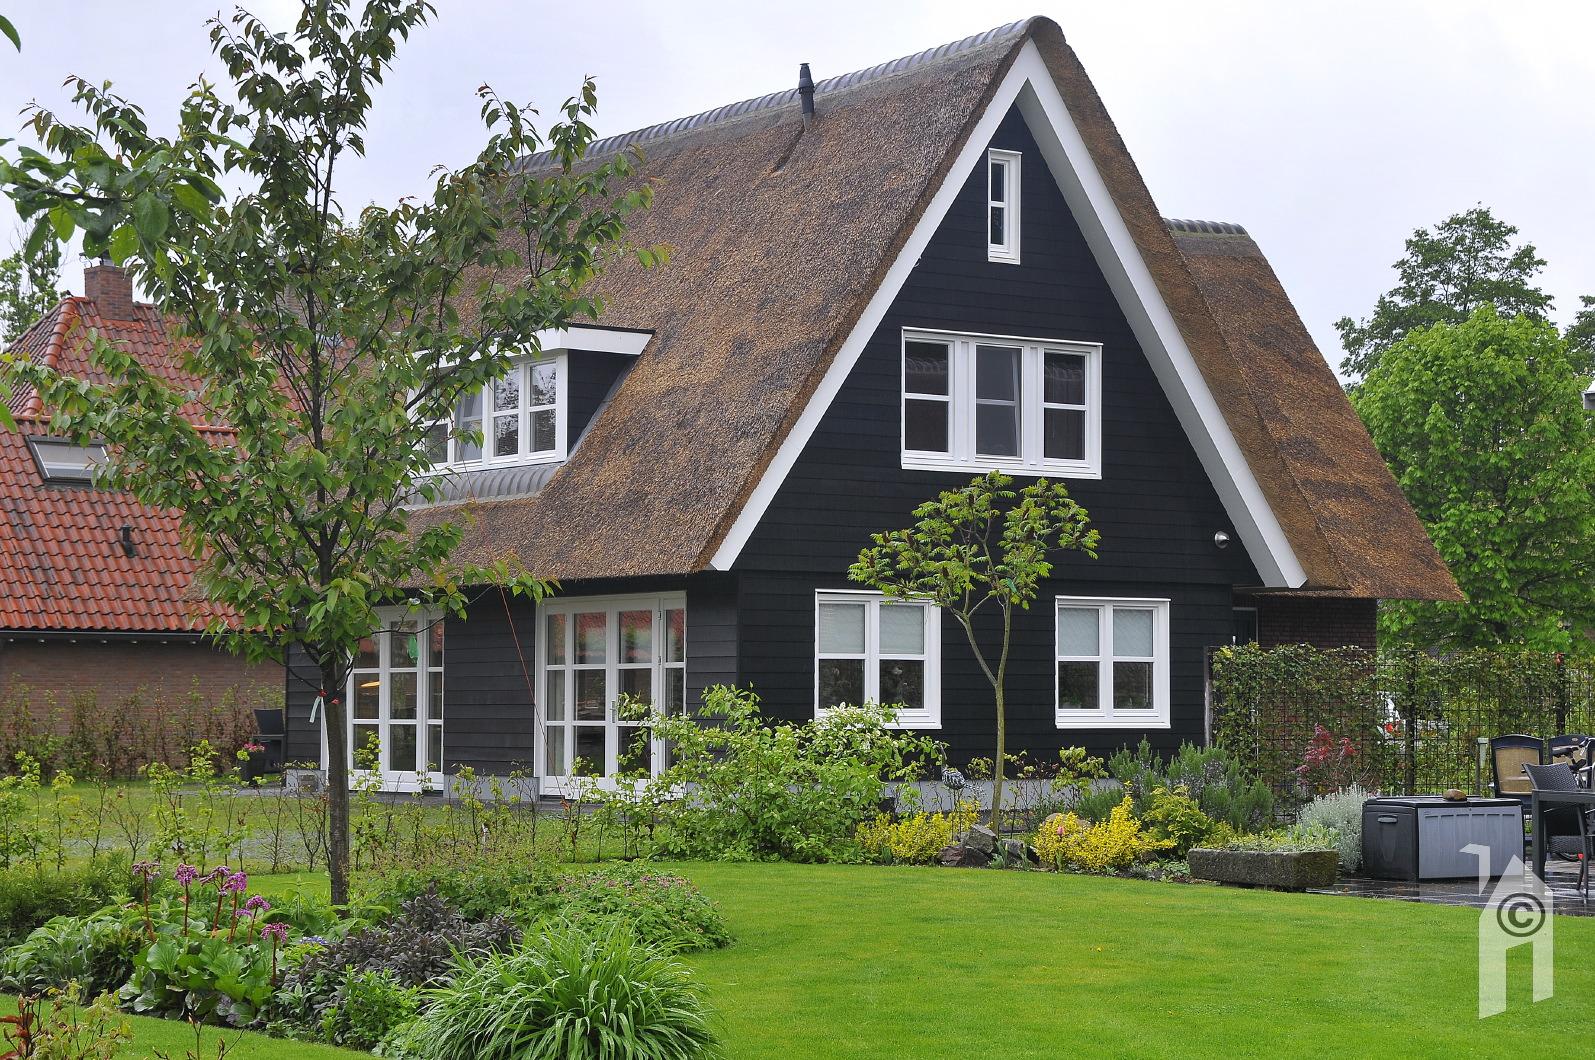 Ontwerp huisje houten - Interieur houten huisje ...